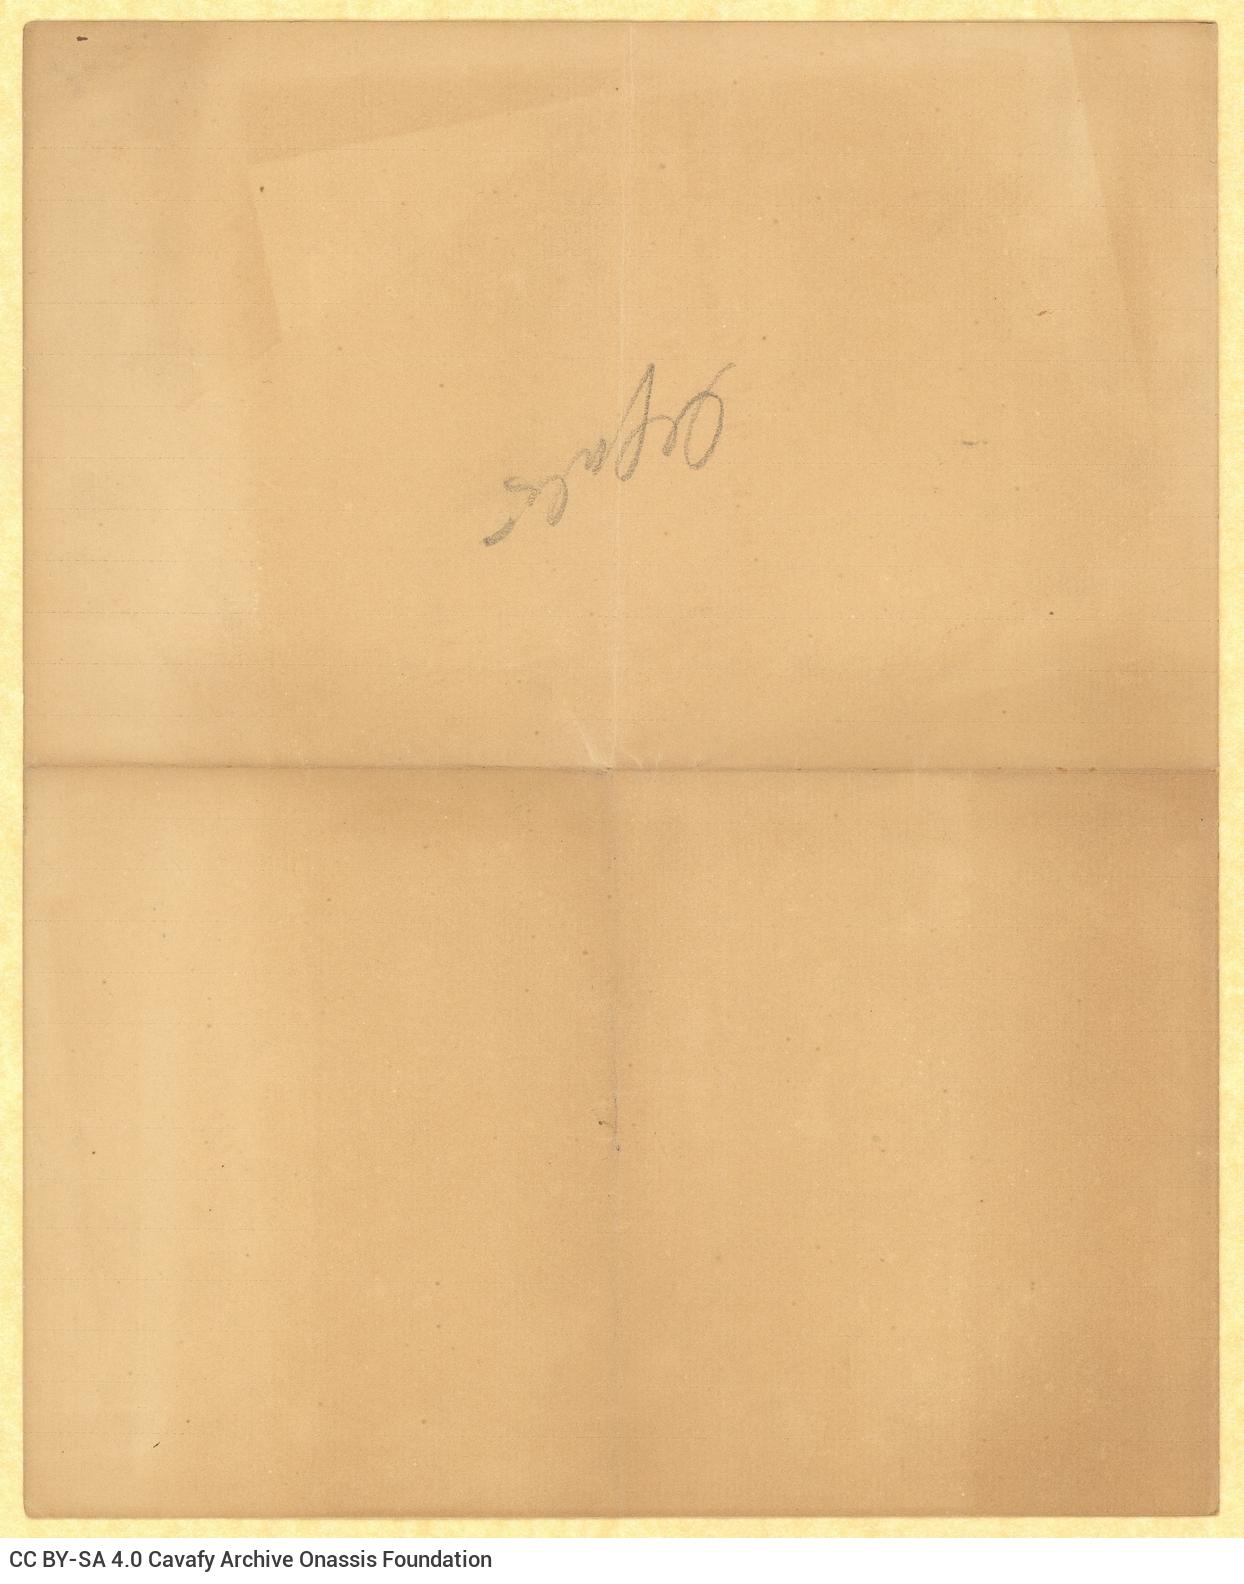 Χειρόγραφες σημειώσεις του Καβάφη στην πρώτη σελίδα διαγραμμισμέ�